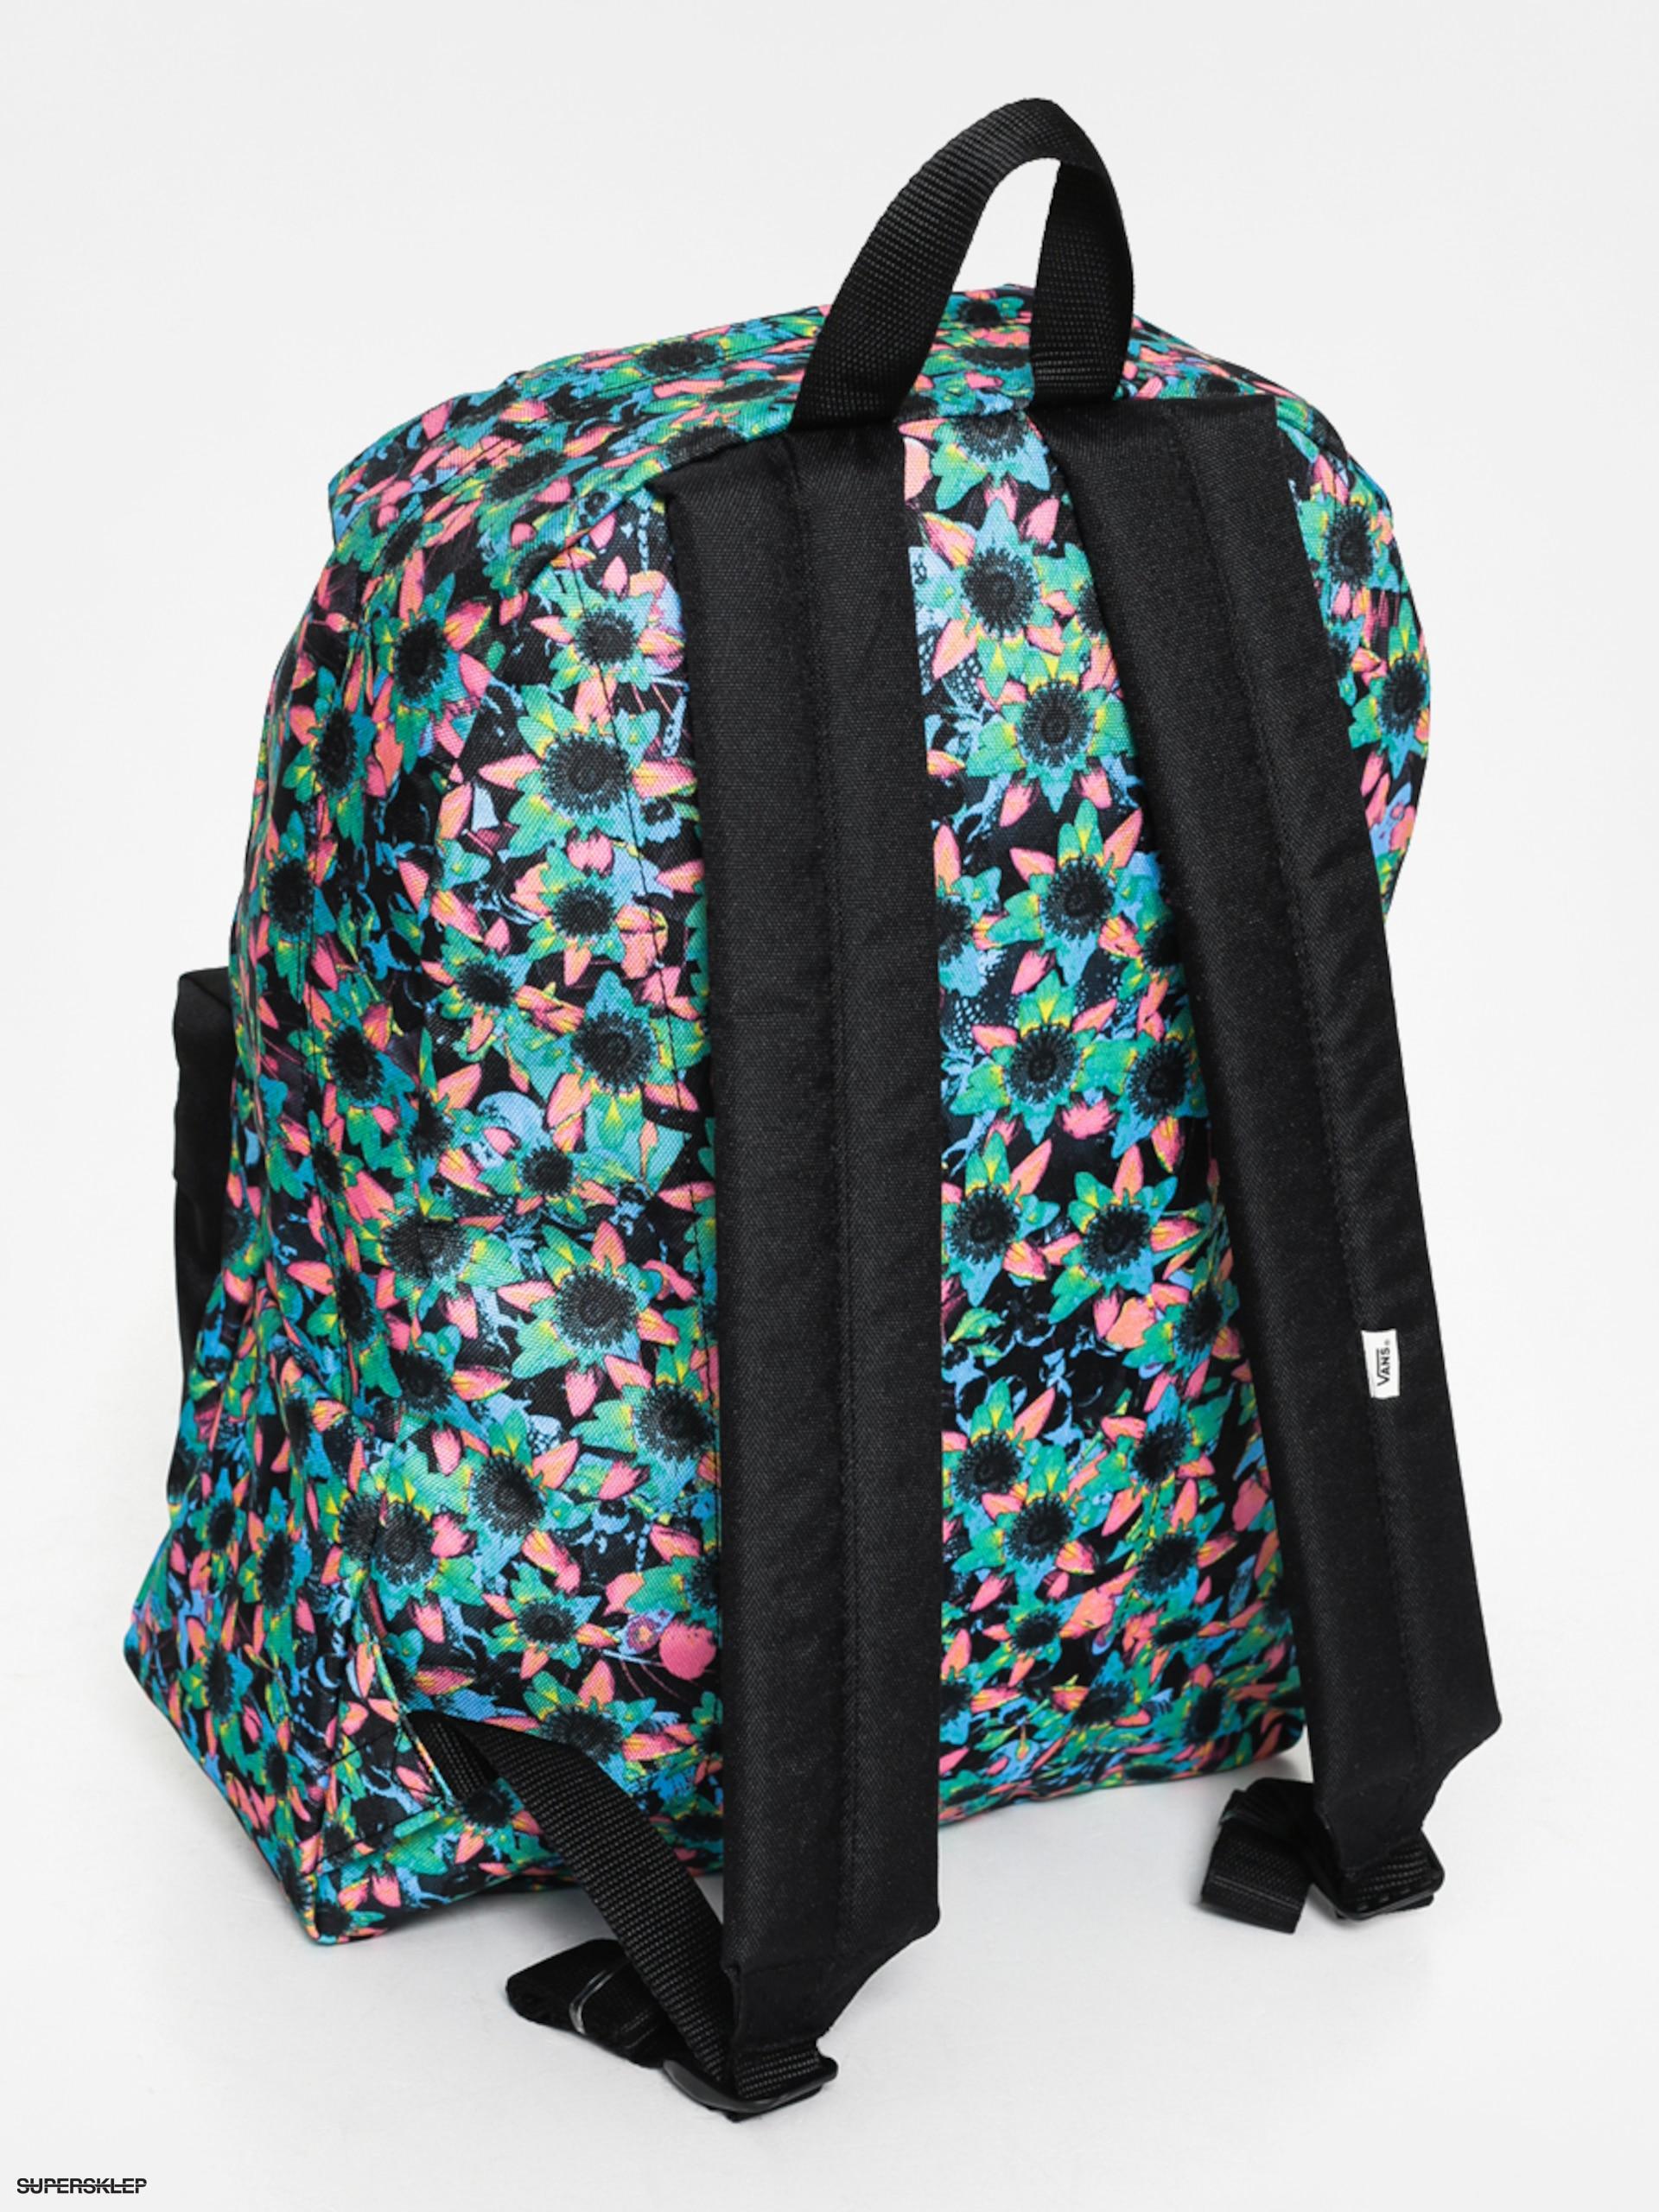 Batoh Vans Realm Wmn (floral mix black) e2a2546e83